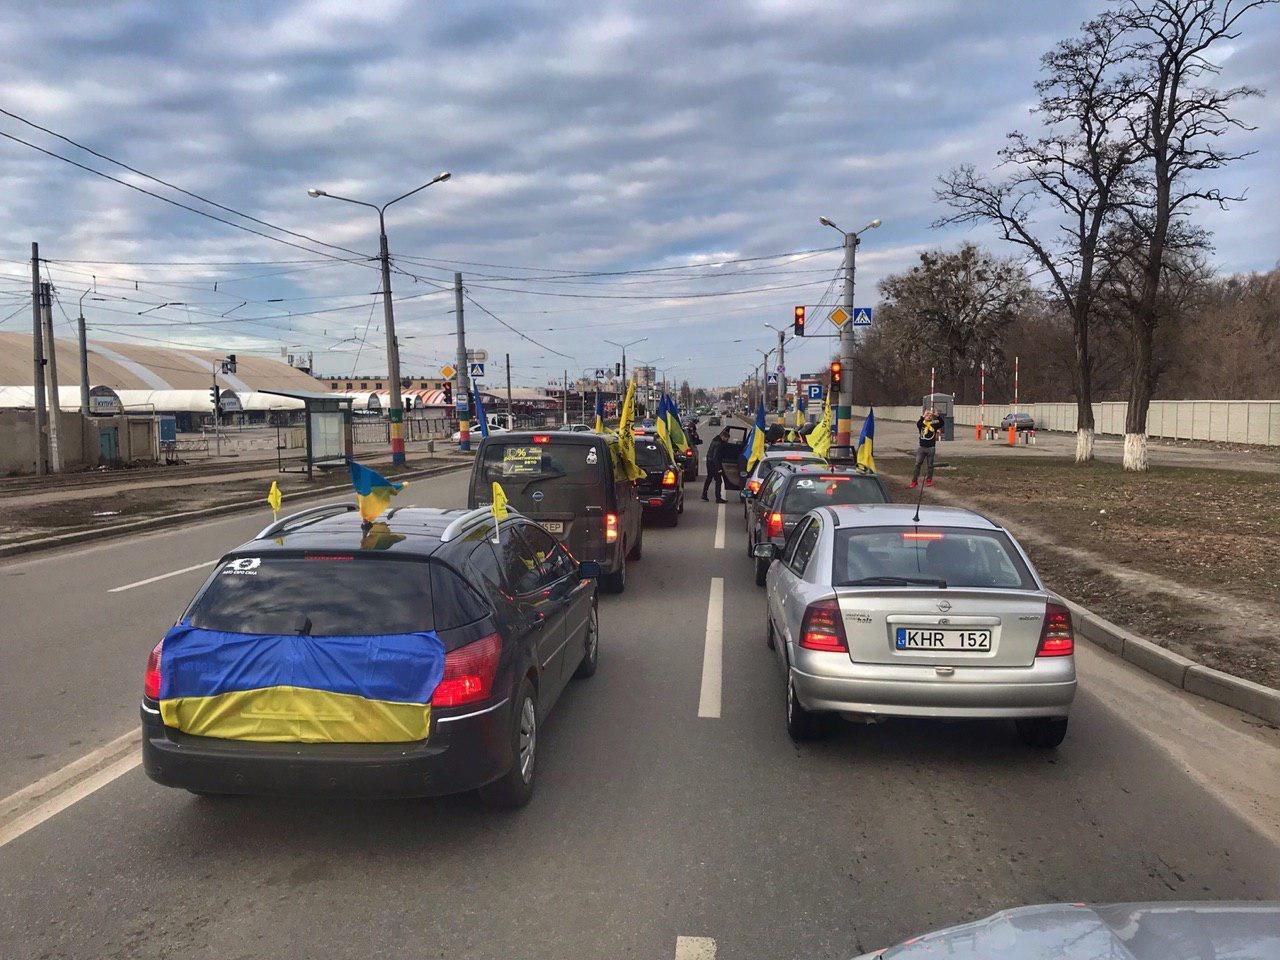 Кандидат в Президенти Дерев'янко підтримав автопробіг за доступні авто в Харкові (ФОТО, ВІДЕО), фото-2